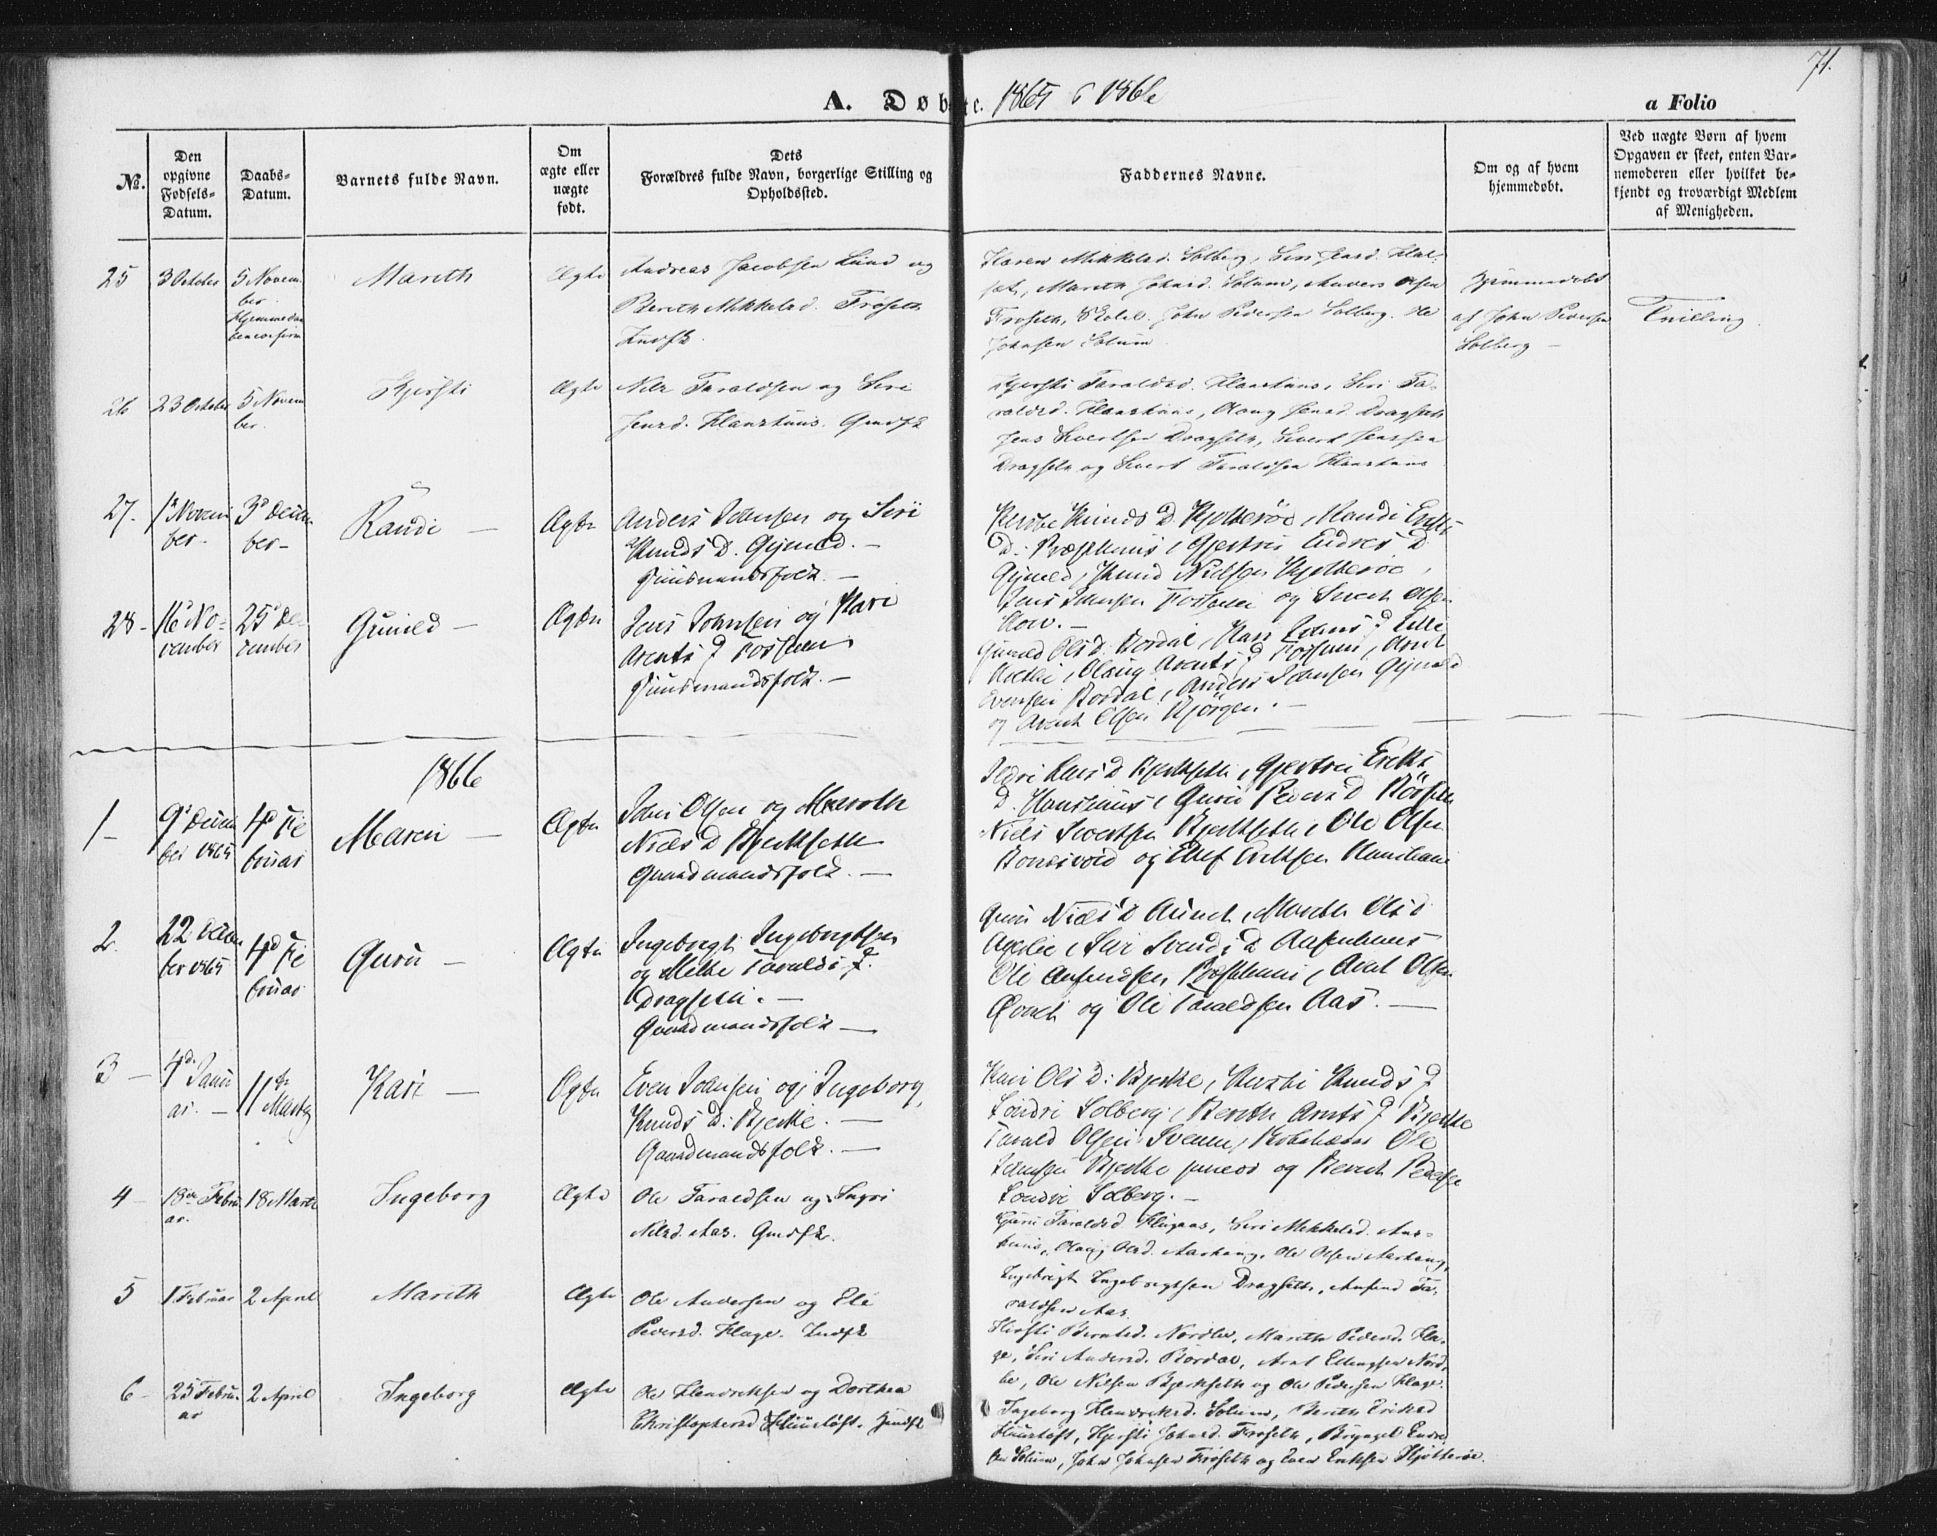 SAT, Ministerialprotokoller, klokkerbøker og fødselsregistre - Sør-Trøndelag, 689/L1038: Ministerialbok nr. 689A03, 1848-1872, s. 71